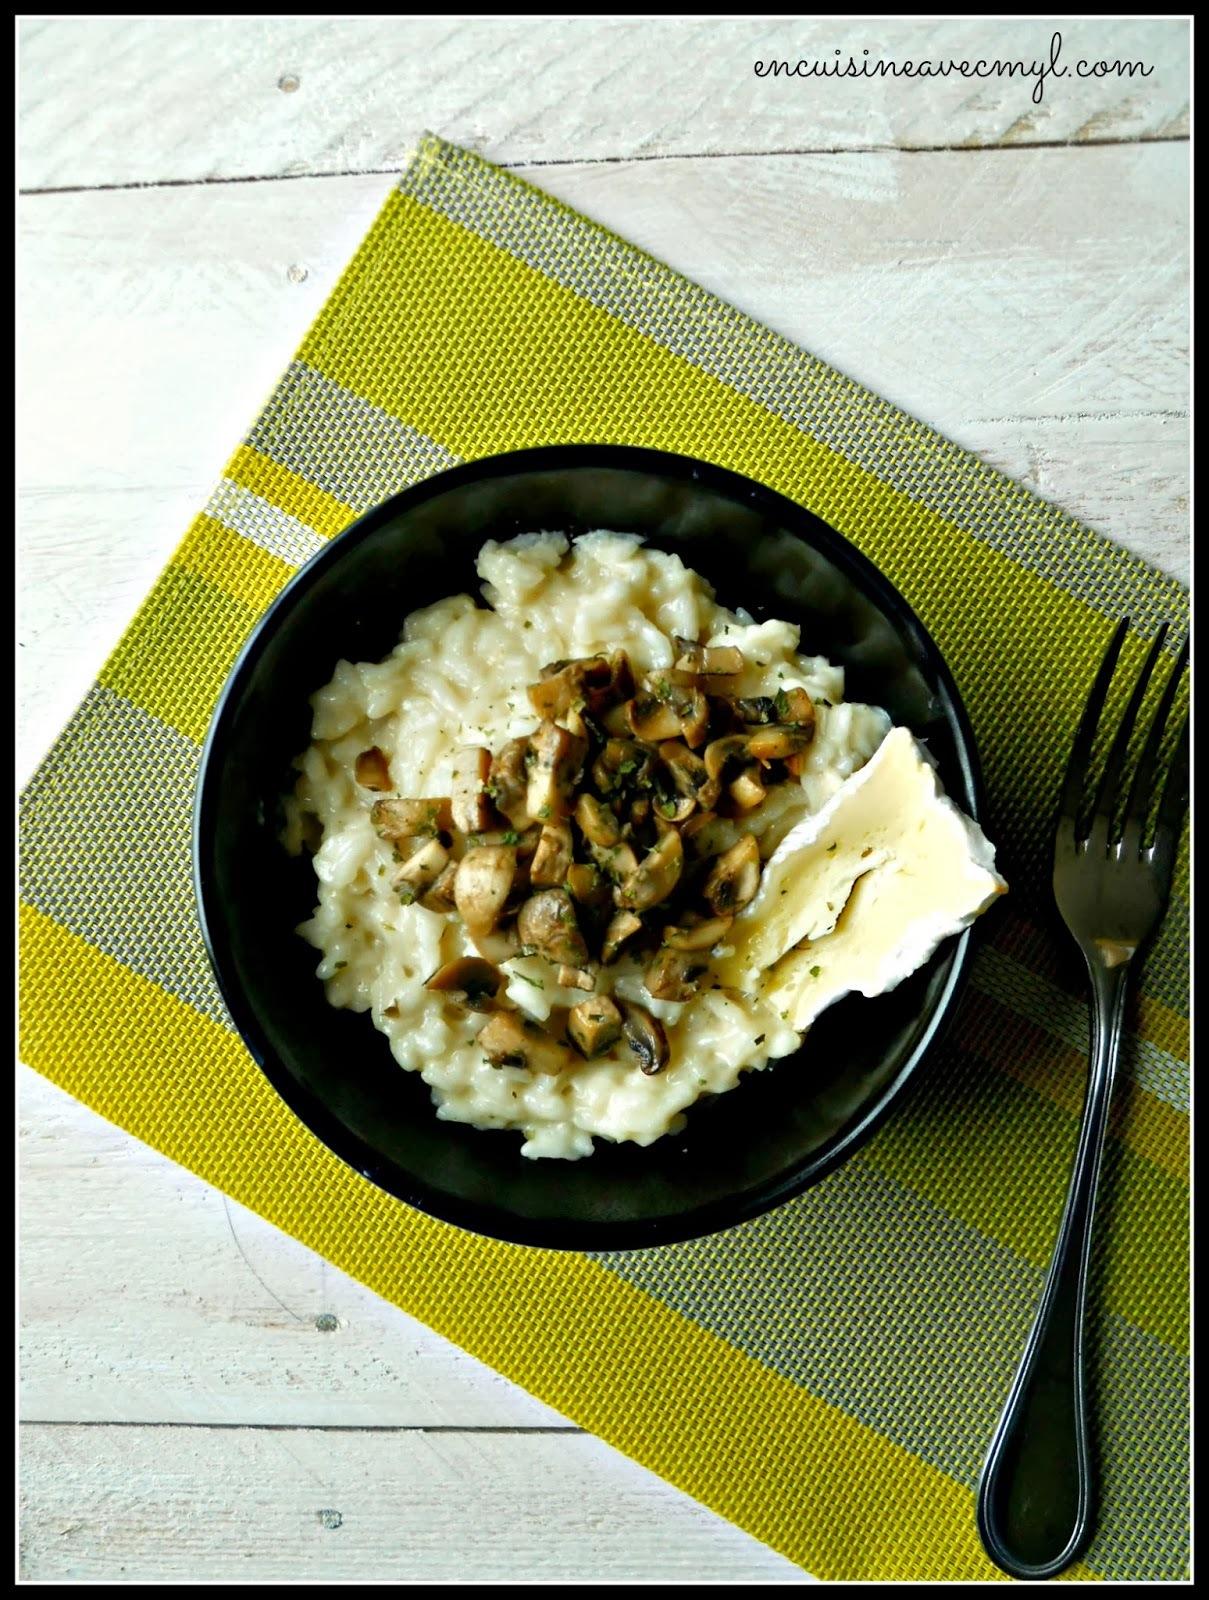 Risotto au camembert et champignons